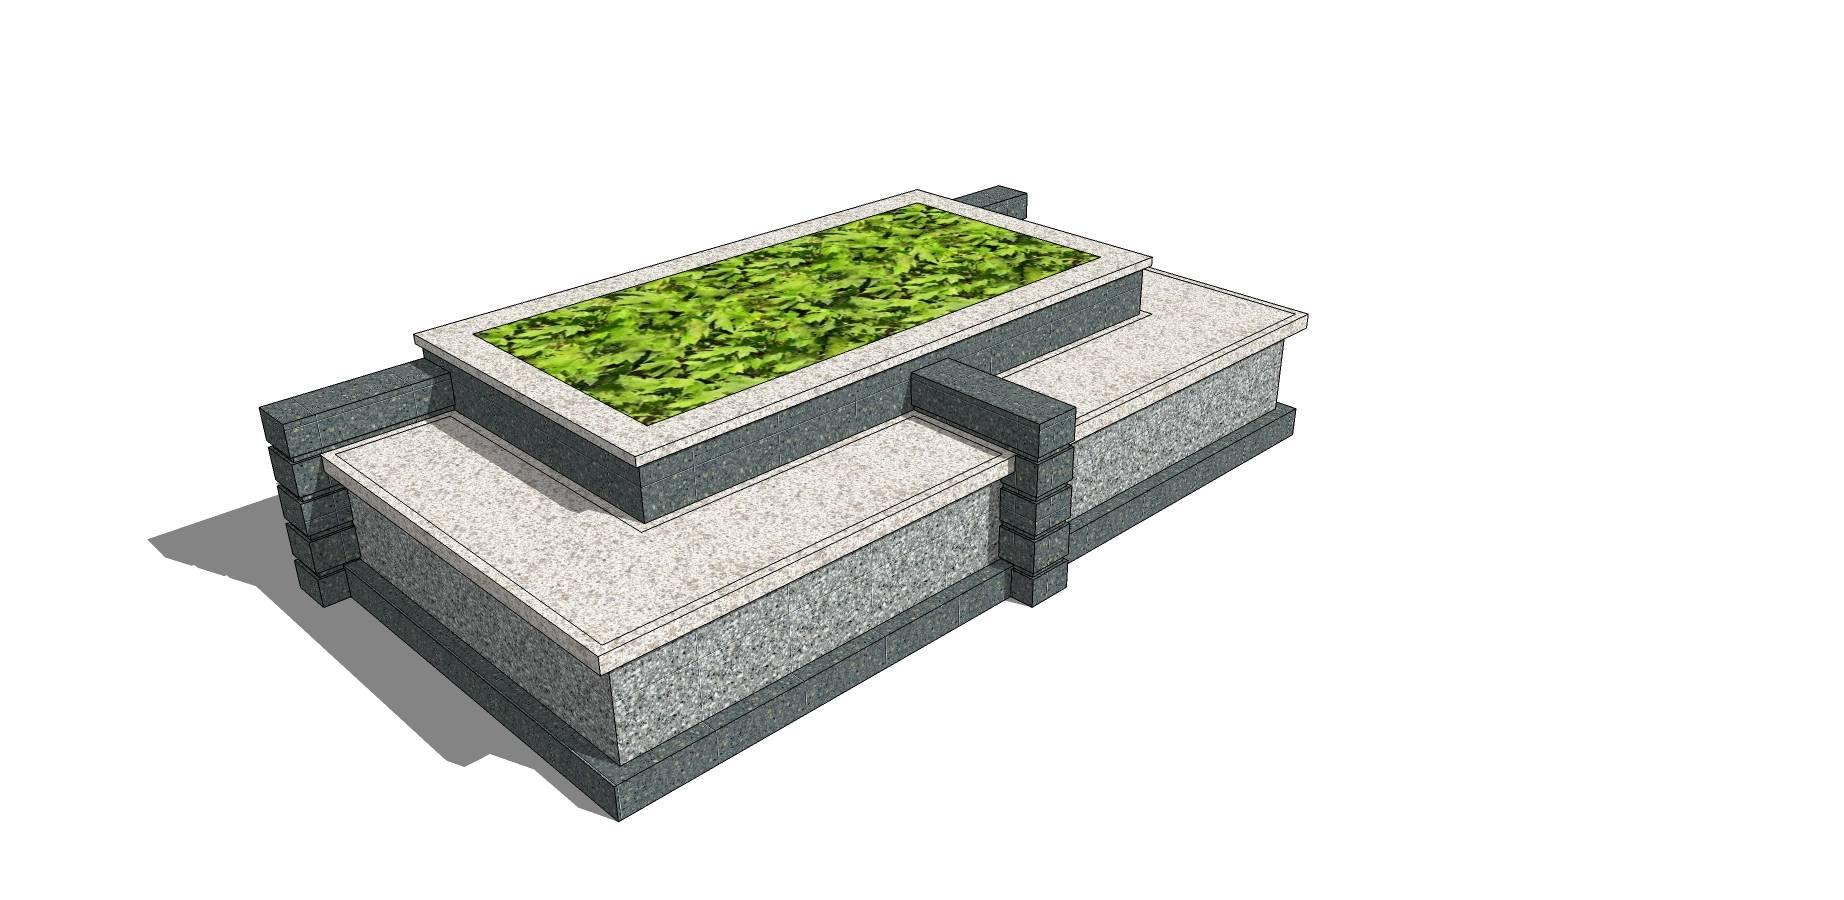 矩形创意树池座椅sketchup模型素材